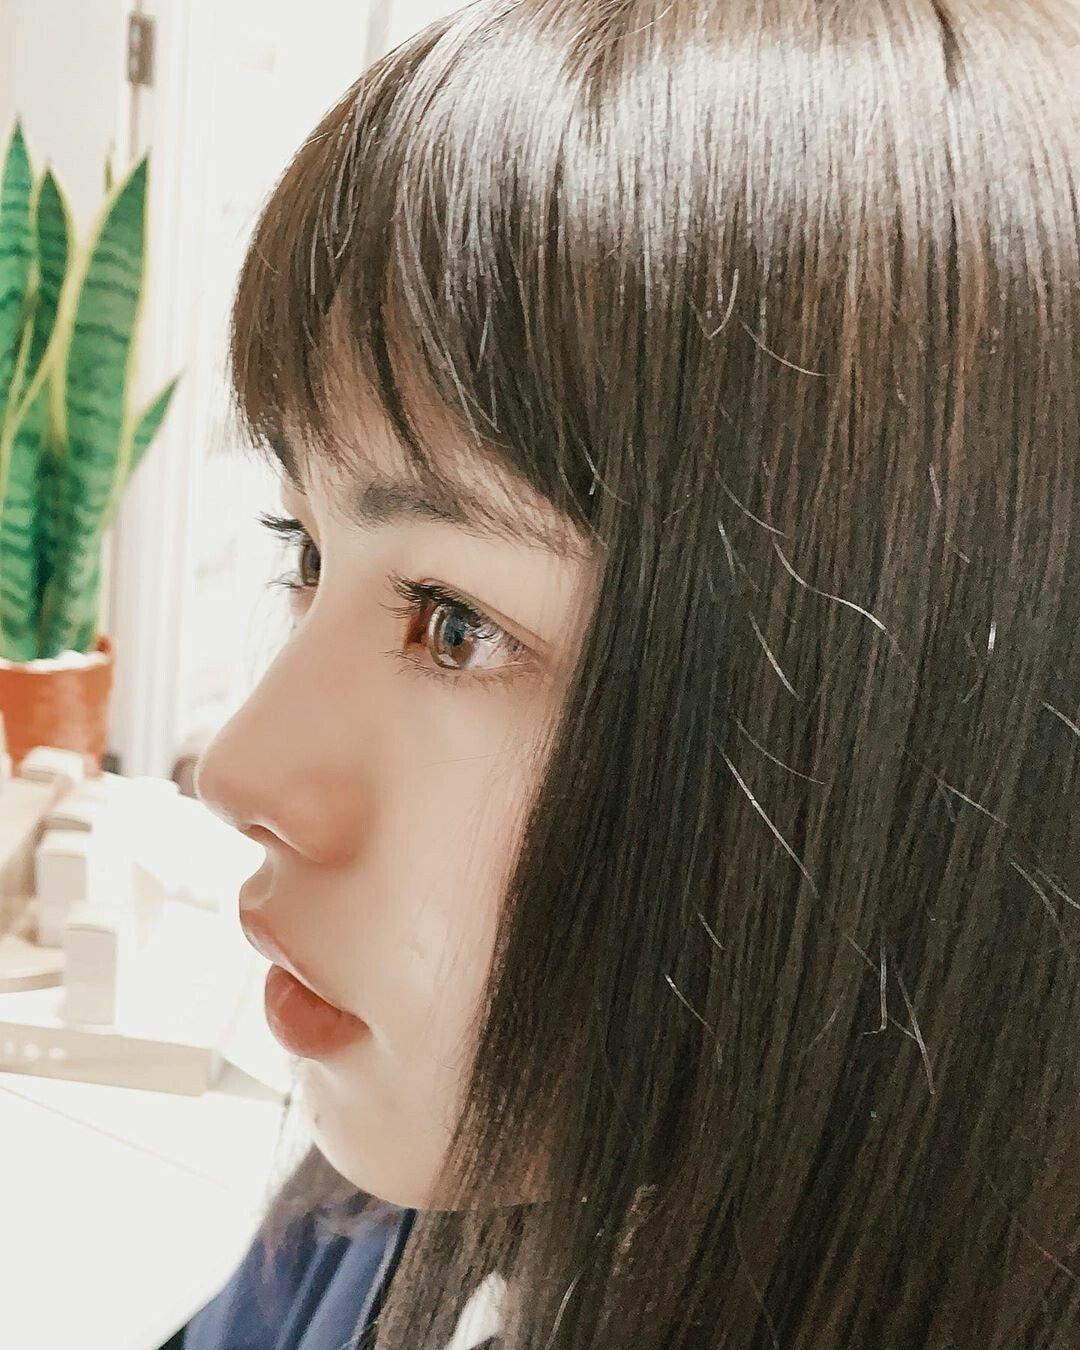 05.jpg SNS에서 외모로 핫해지고 방송까지 나온 일본 고딩